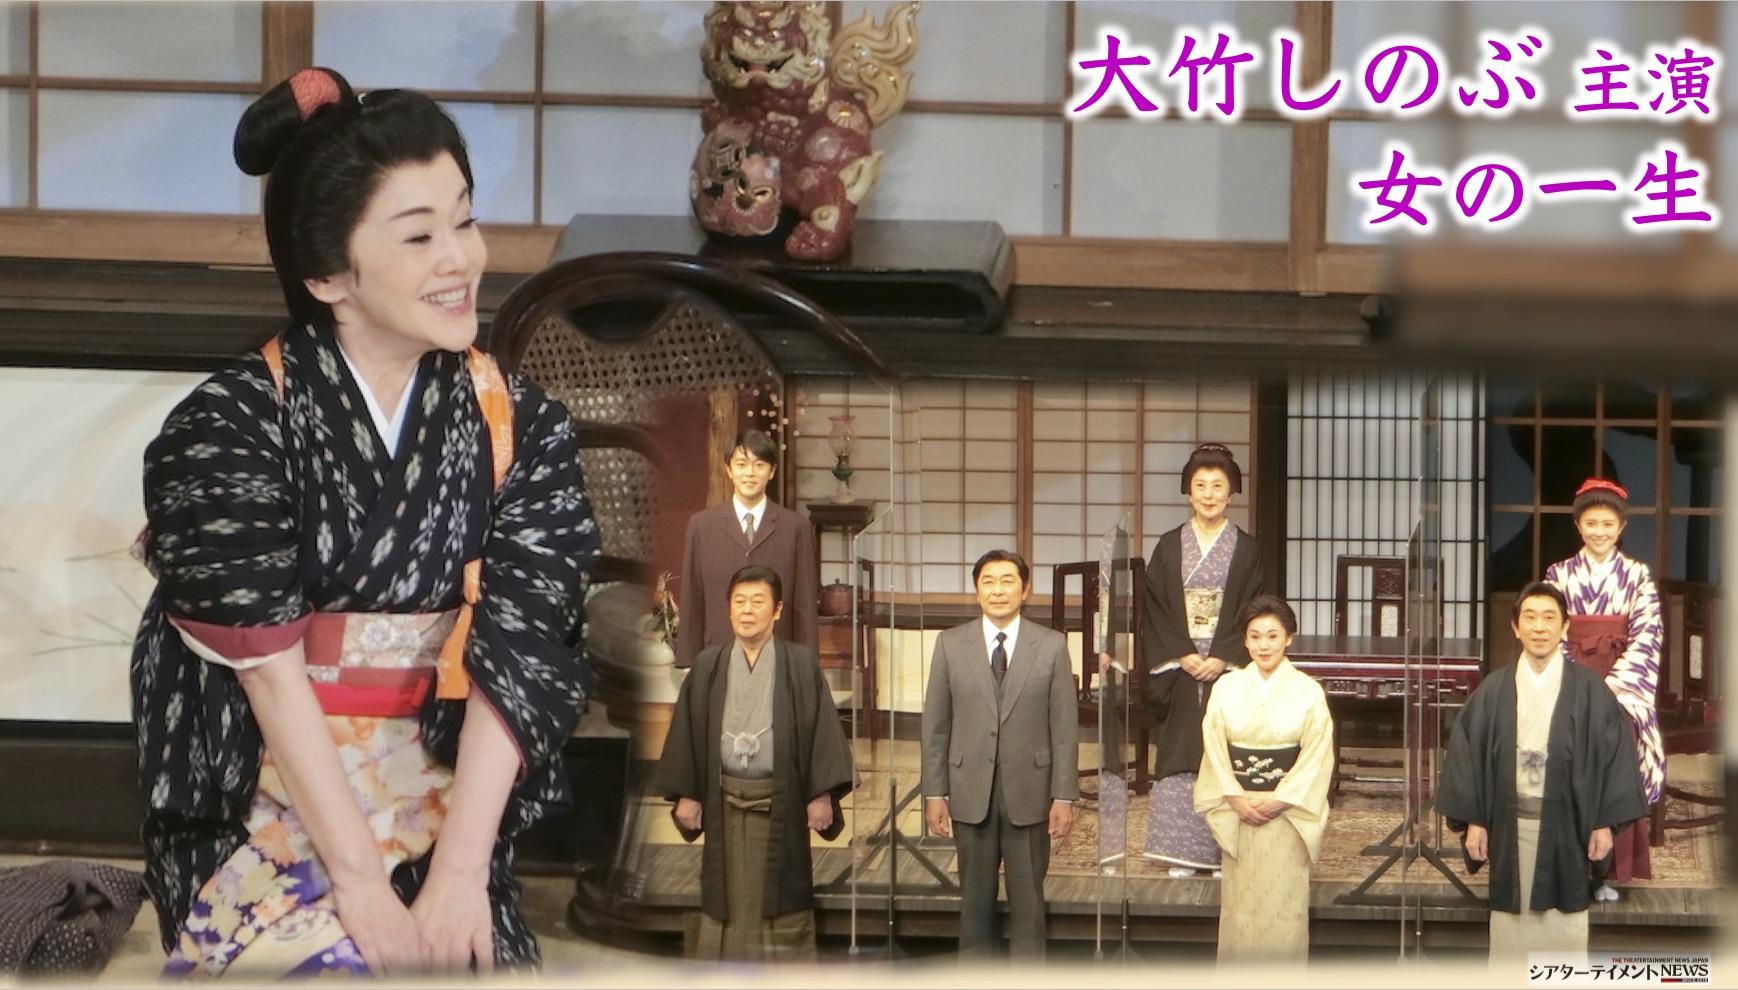 しのぶ 大竹 明石家さんま、大竹しのぶ 22年ぶり2ショット「再婚した方がいいですか」